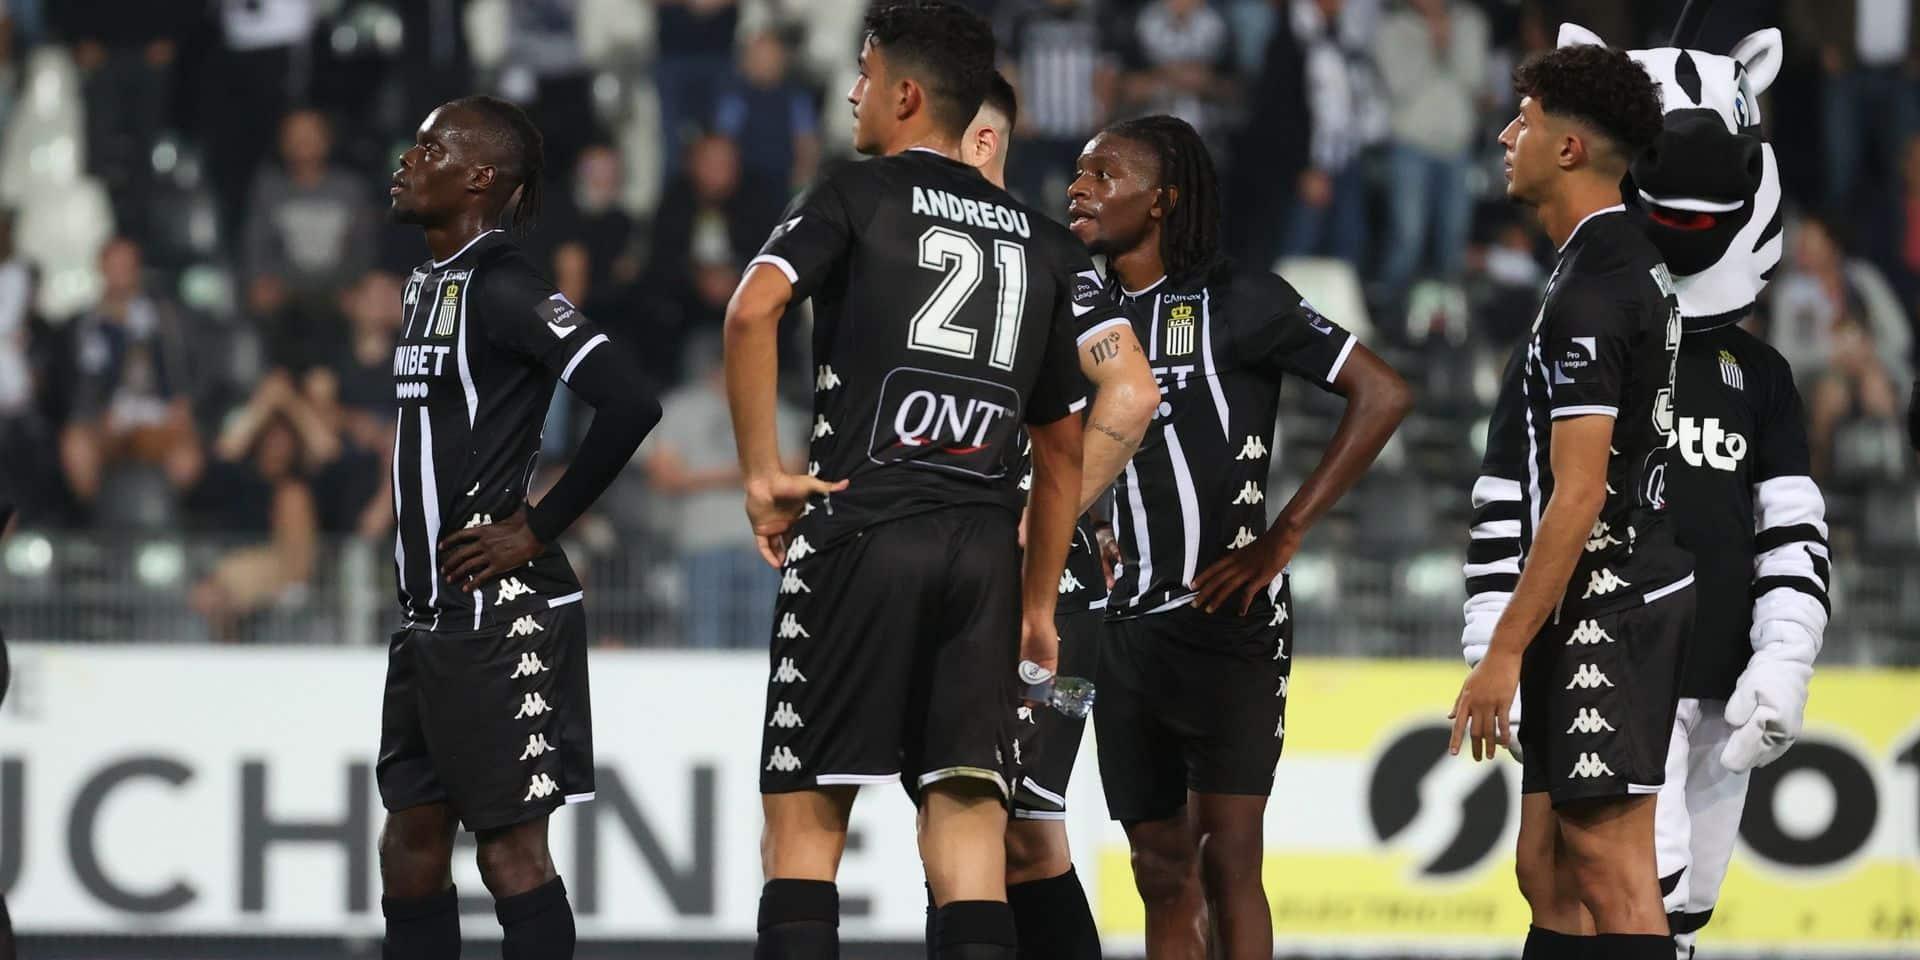 Nicholson maladroit, Morioka très présent et De Ketelaere en homme du match: les notes de Charleroi-Bruges